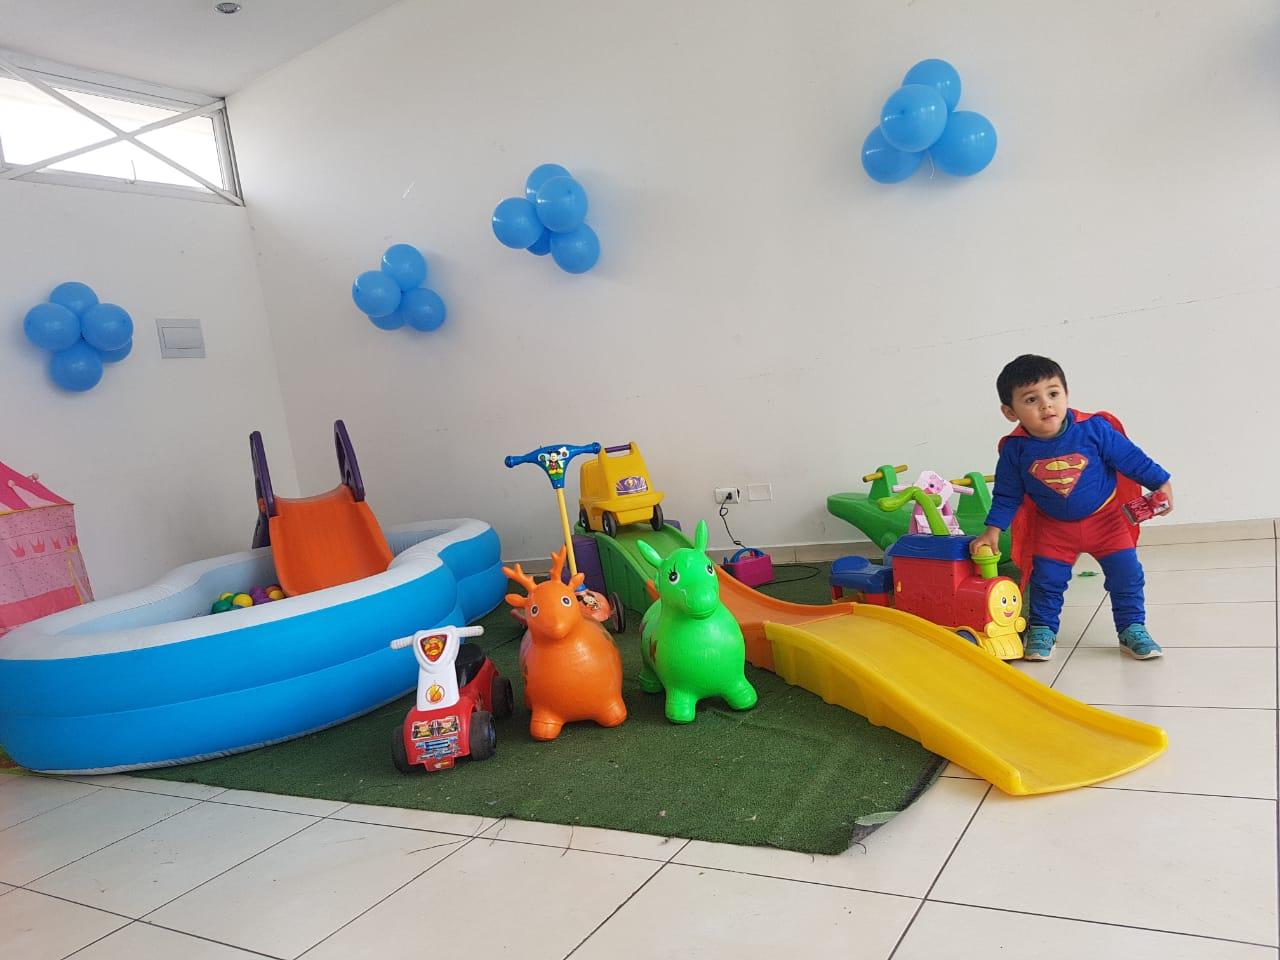 plaza de juegos para 12 niños aprox